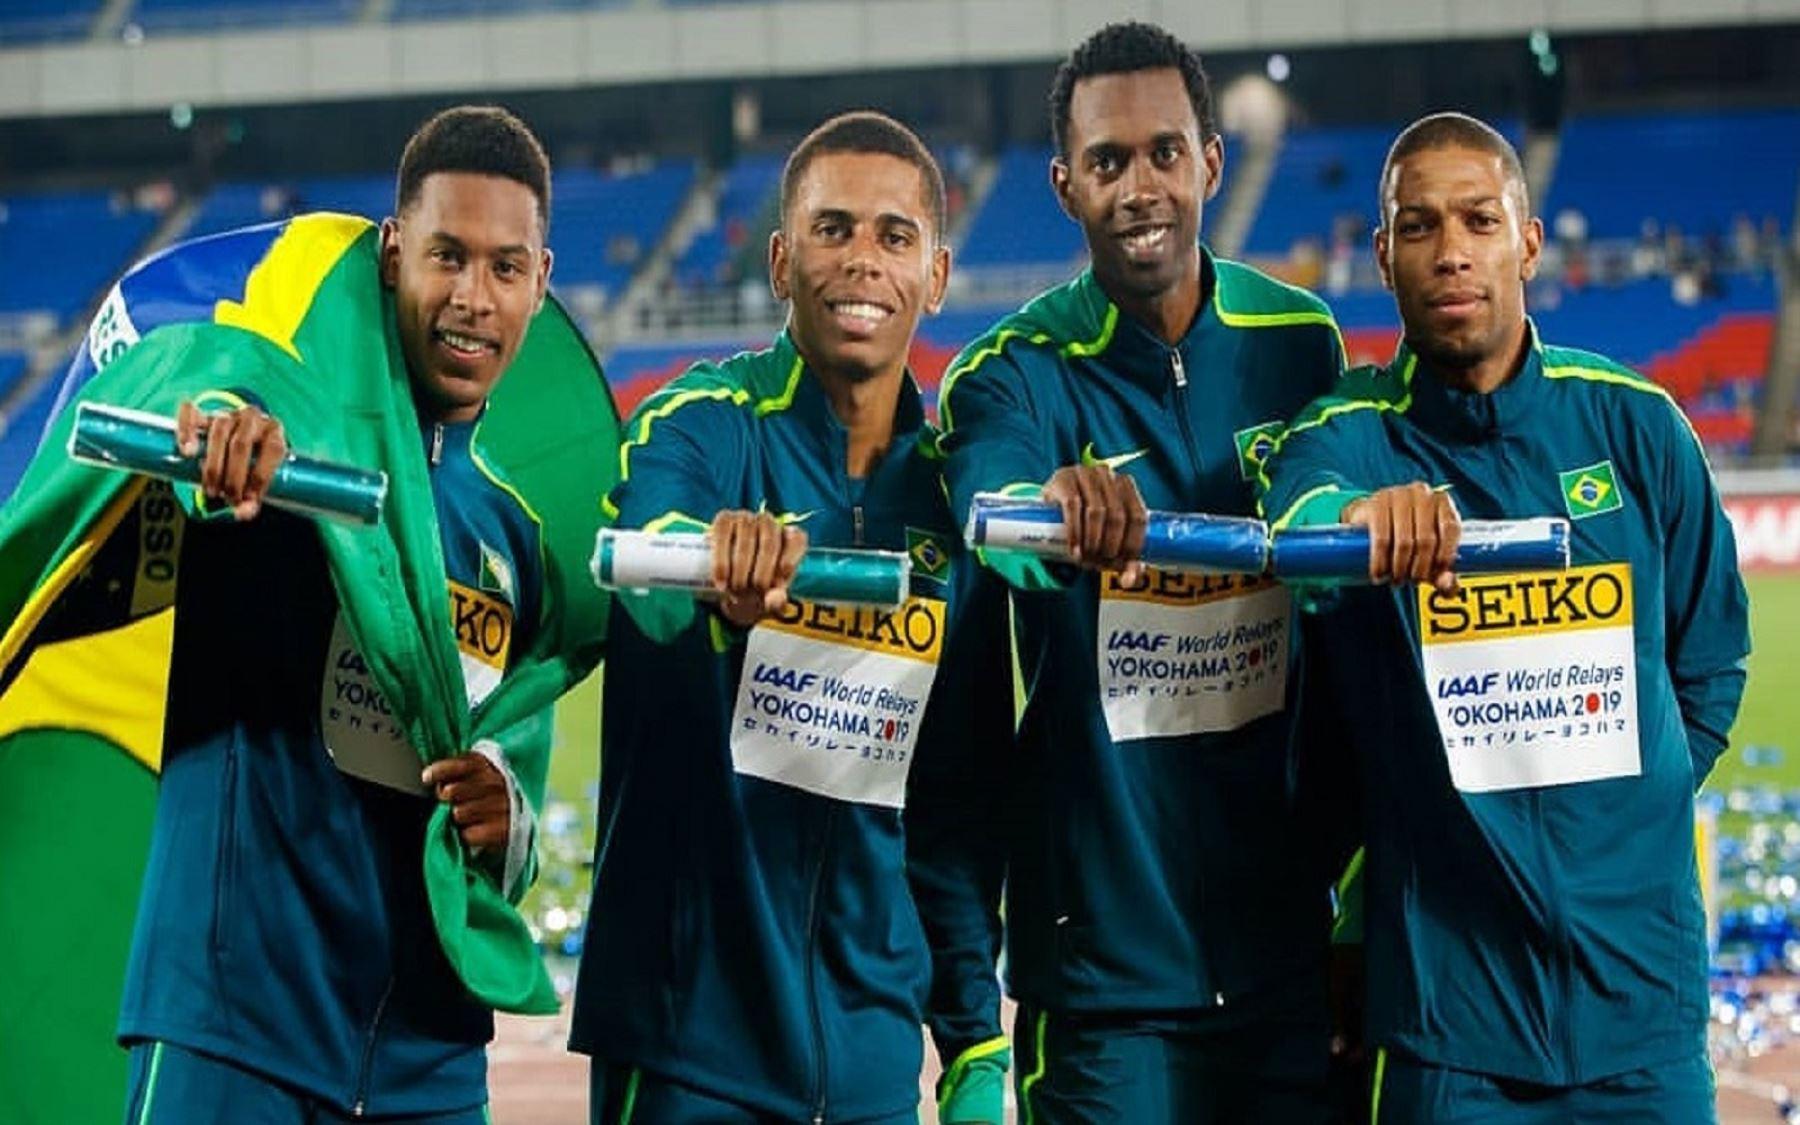 Paulo André Oliveira, Derick Silva, Rodrigo Pereira y Jorge Henrique Costa  Foto: cortesía: Óscar Muñoz Badilla / IAAF